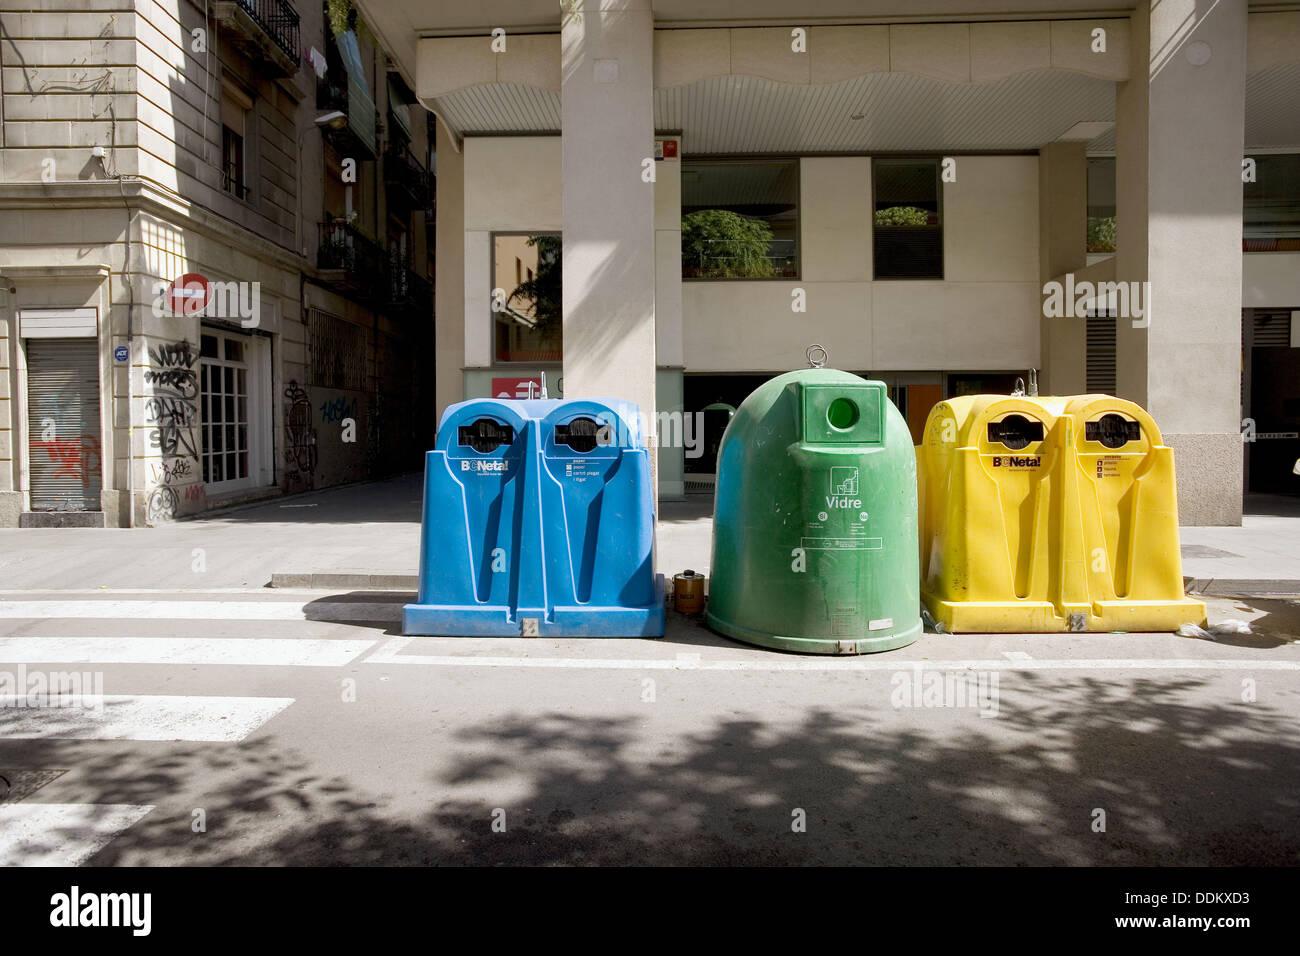 Contenitori per il reciclying di carta, plastica e vetro. Barcellona. Spagna. Immagini Stock